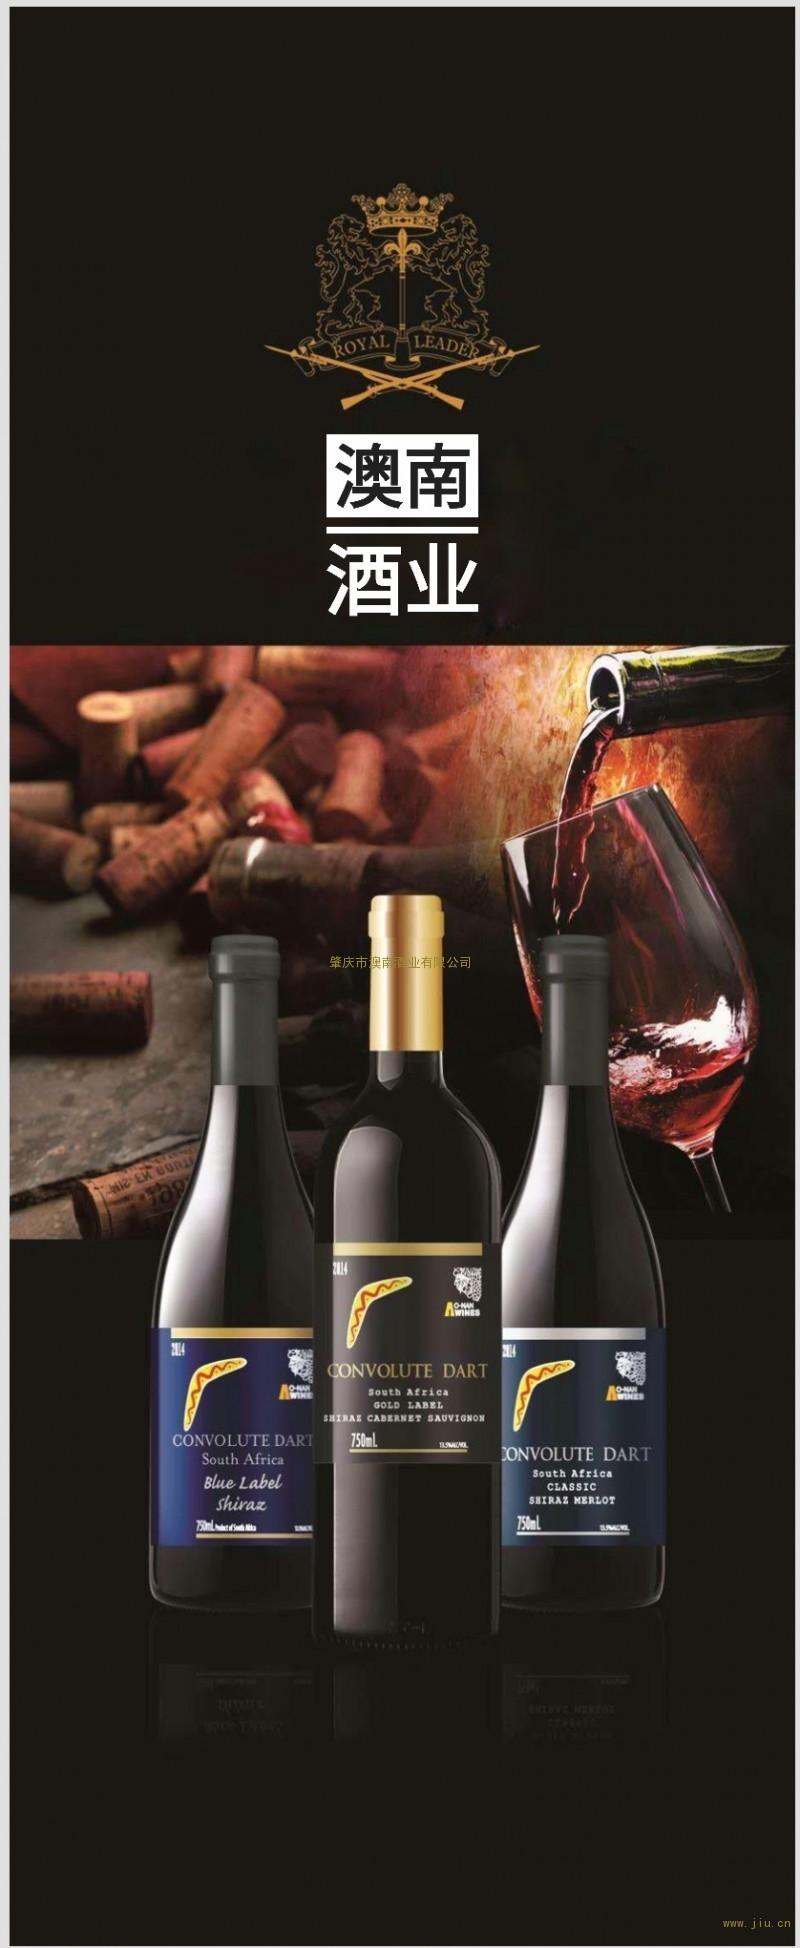 澳南酒业 南非原瓶进口回力角经典干红葡萄酒 2014年份